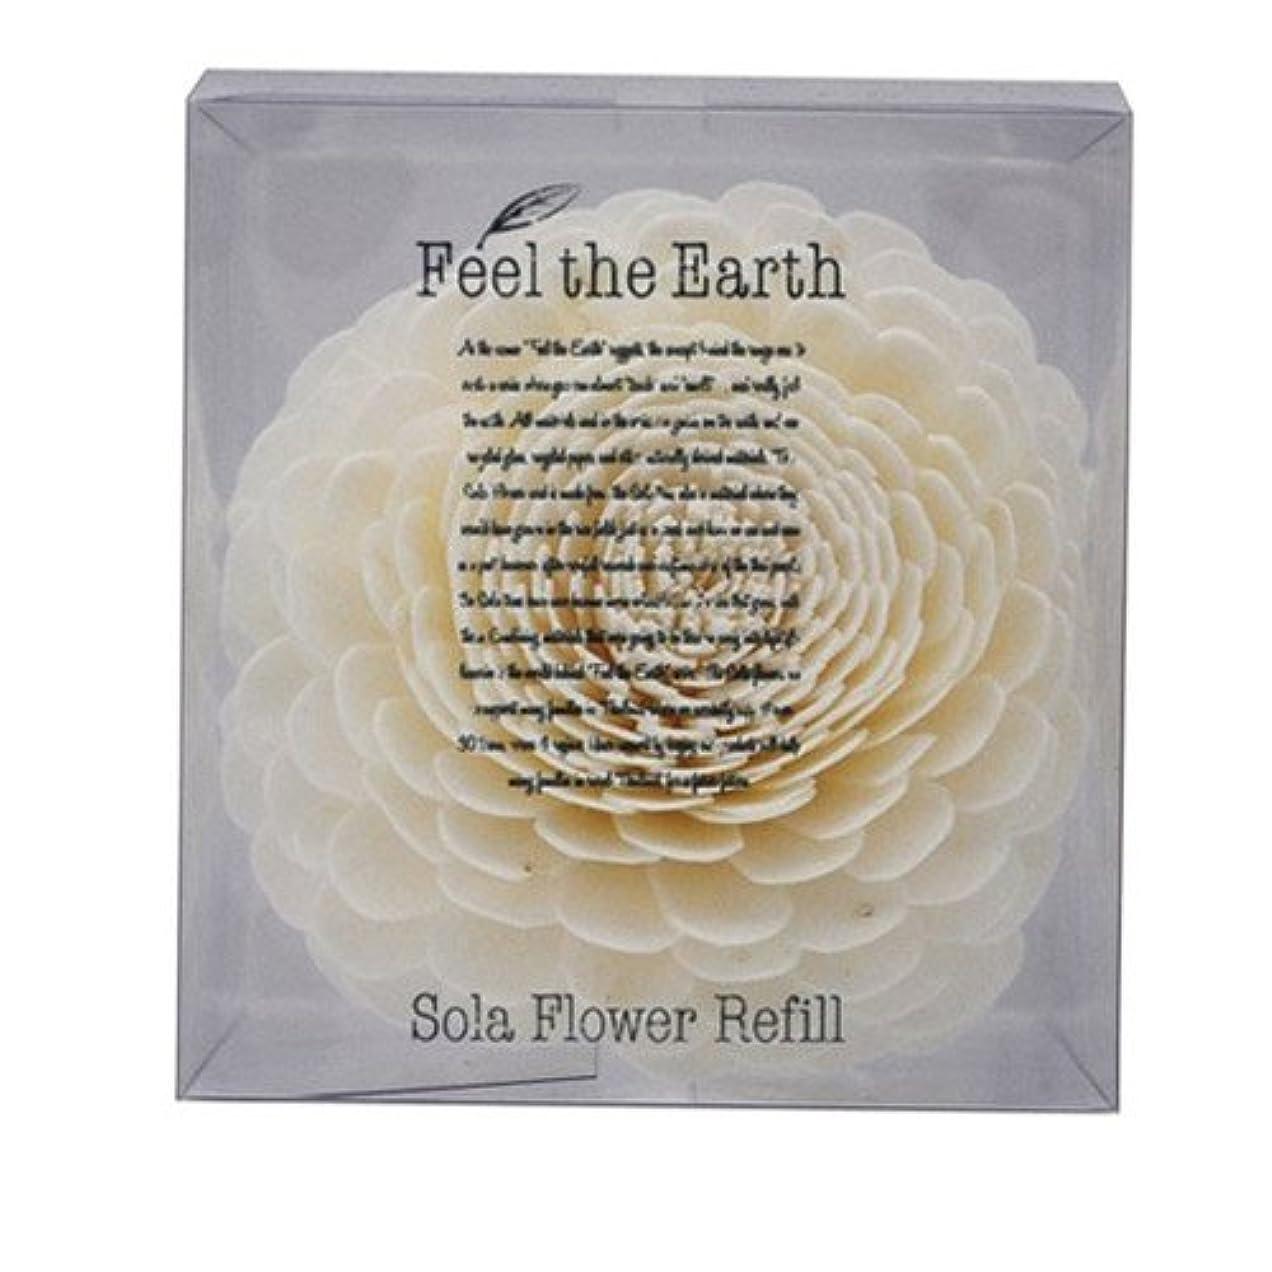 むき出しロープ風味FEEL THE EARTH ソラフラワー リフィル ダリア DAHLIA フィール ジ アース